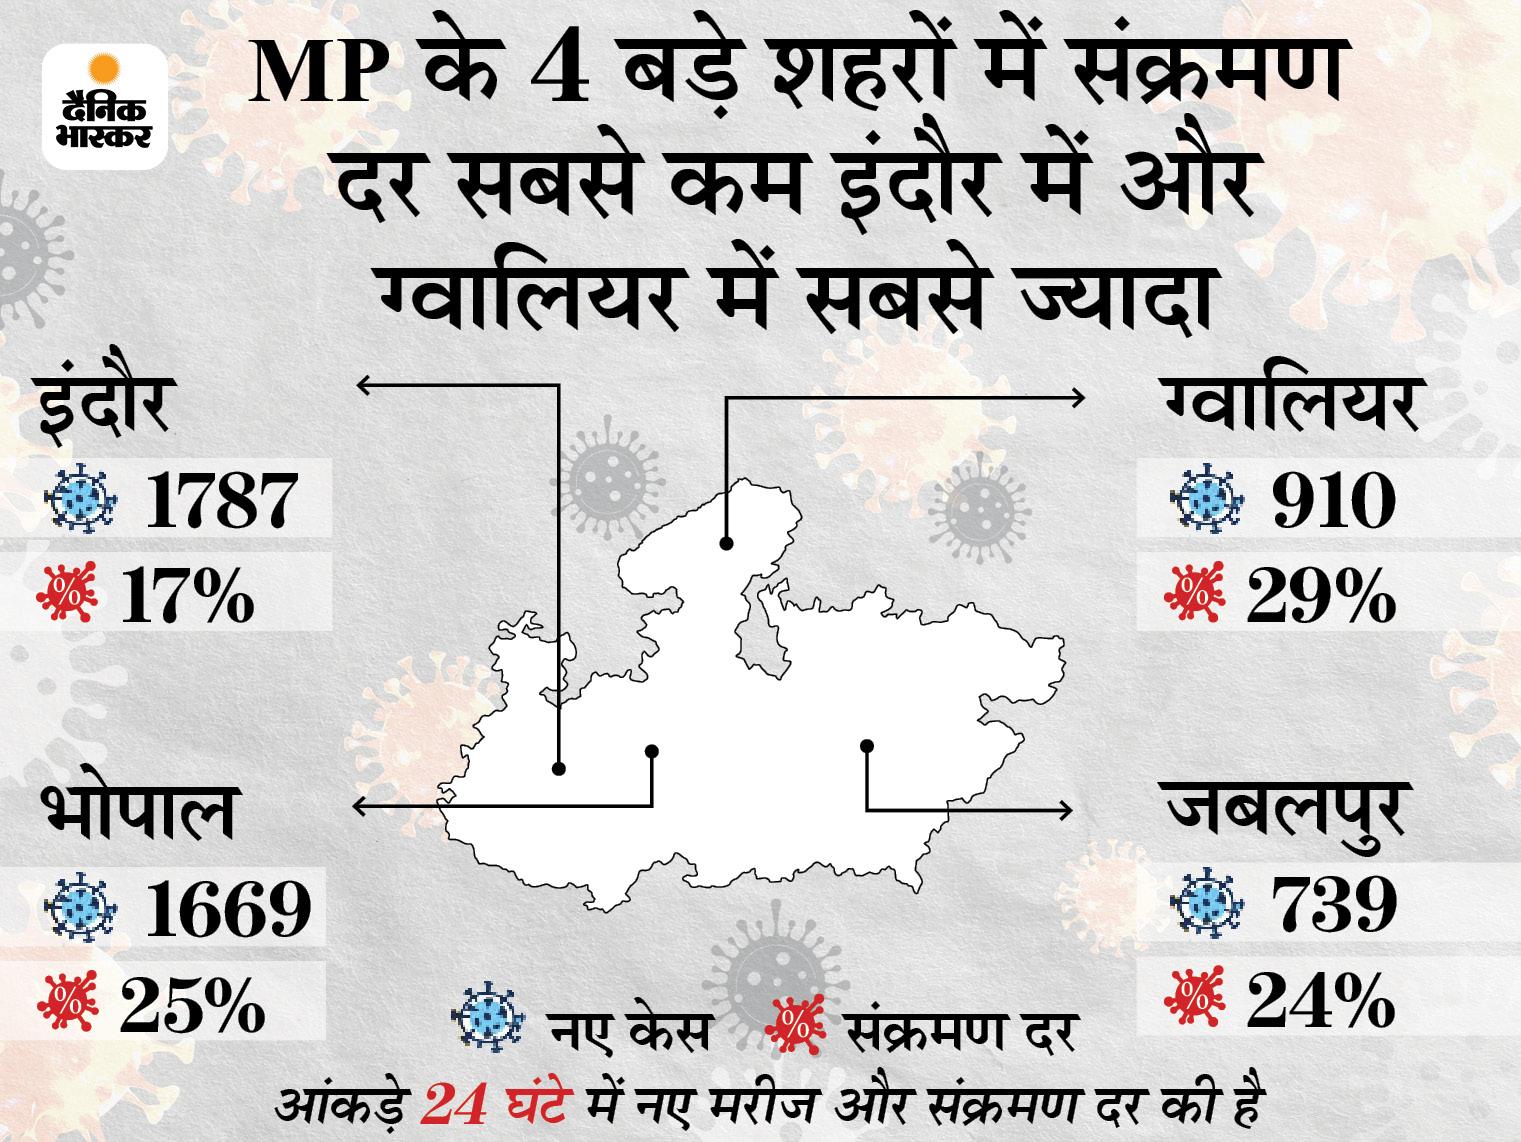 प्रदेश में 5 दिन में रिकवरी रेट 2% से ज्यादा बढ़ा, संक्रमण दर में भी मामूली कमी आई|मध्य प्रदेश,Madhya Pradesh - Dainik Bhaskar